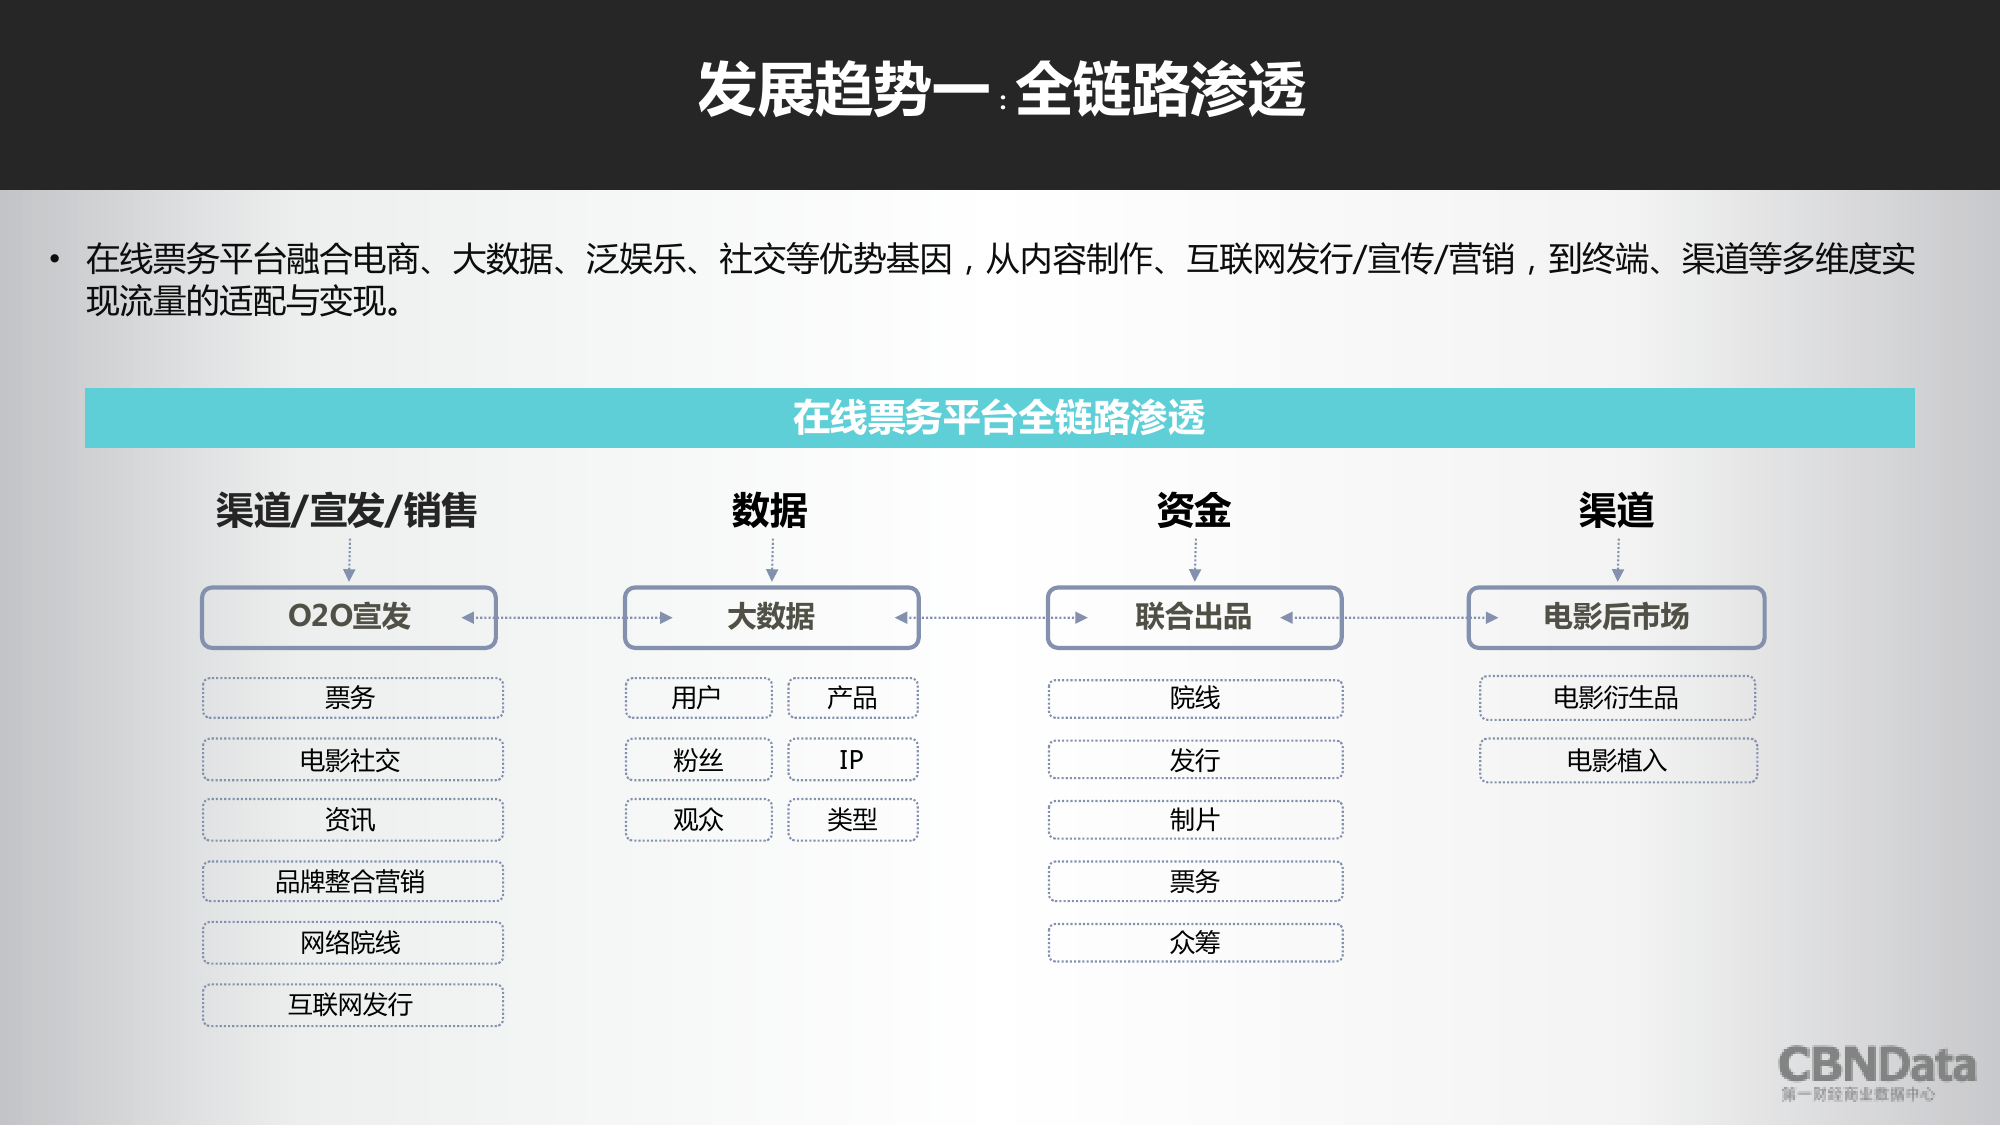 2016上半年中国在线票务平台大数据报告_000019